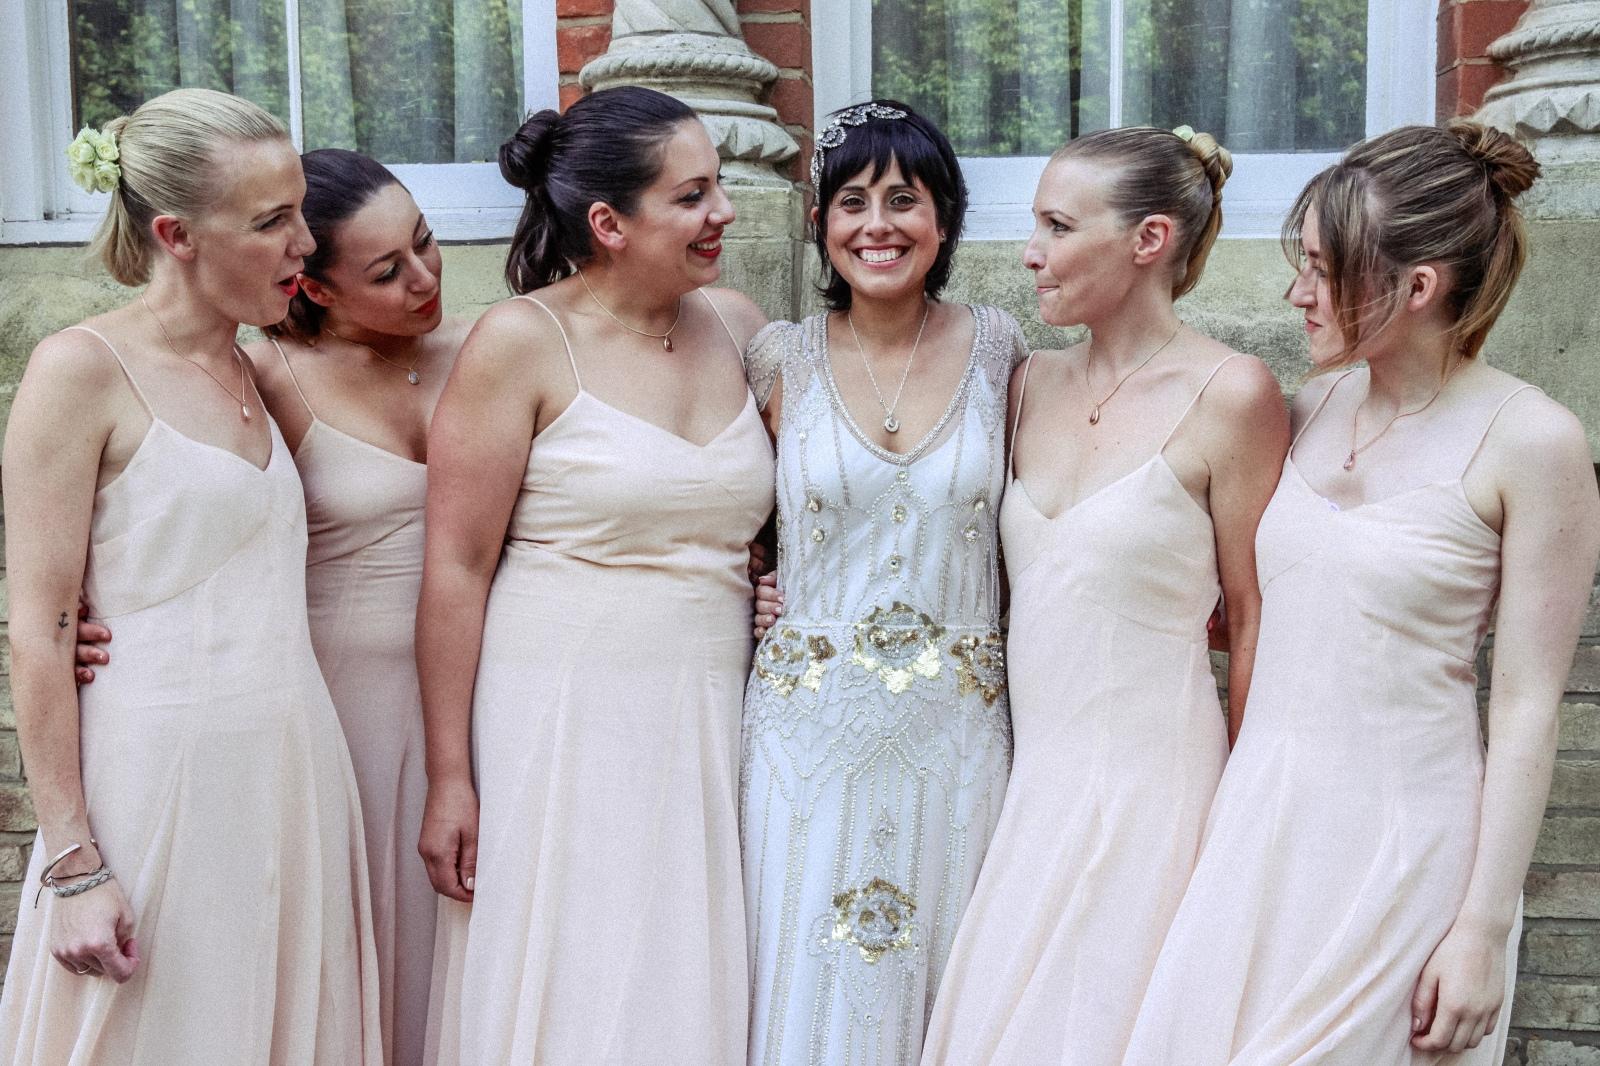 happy bride with her bridesmaid